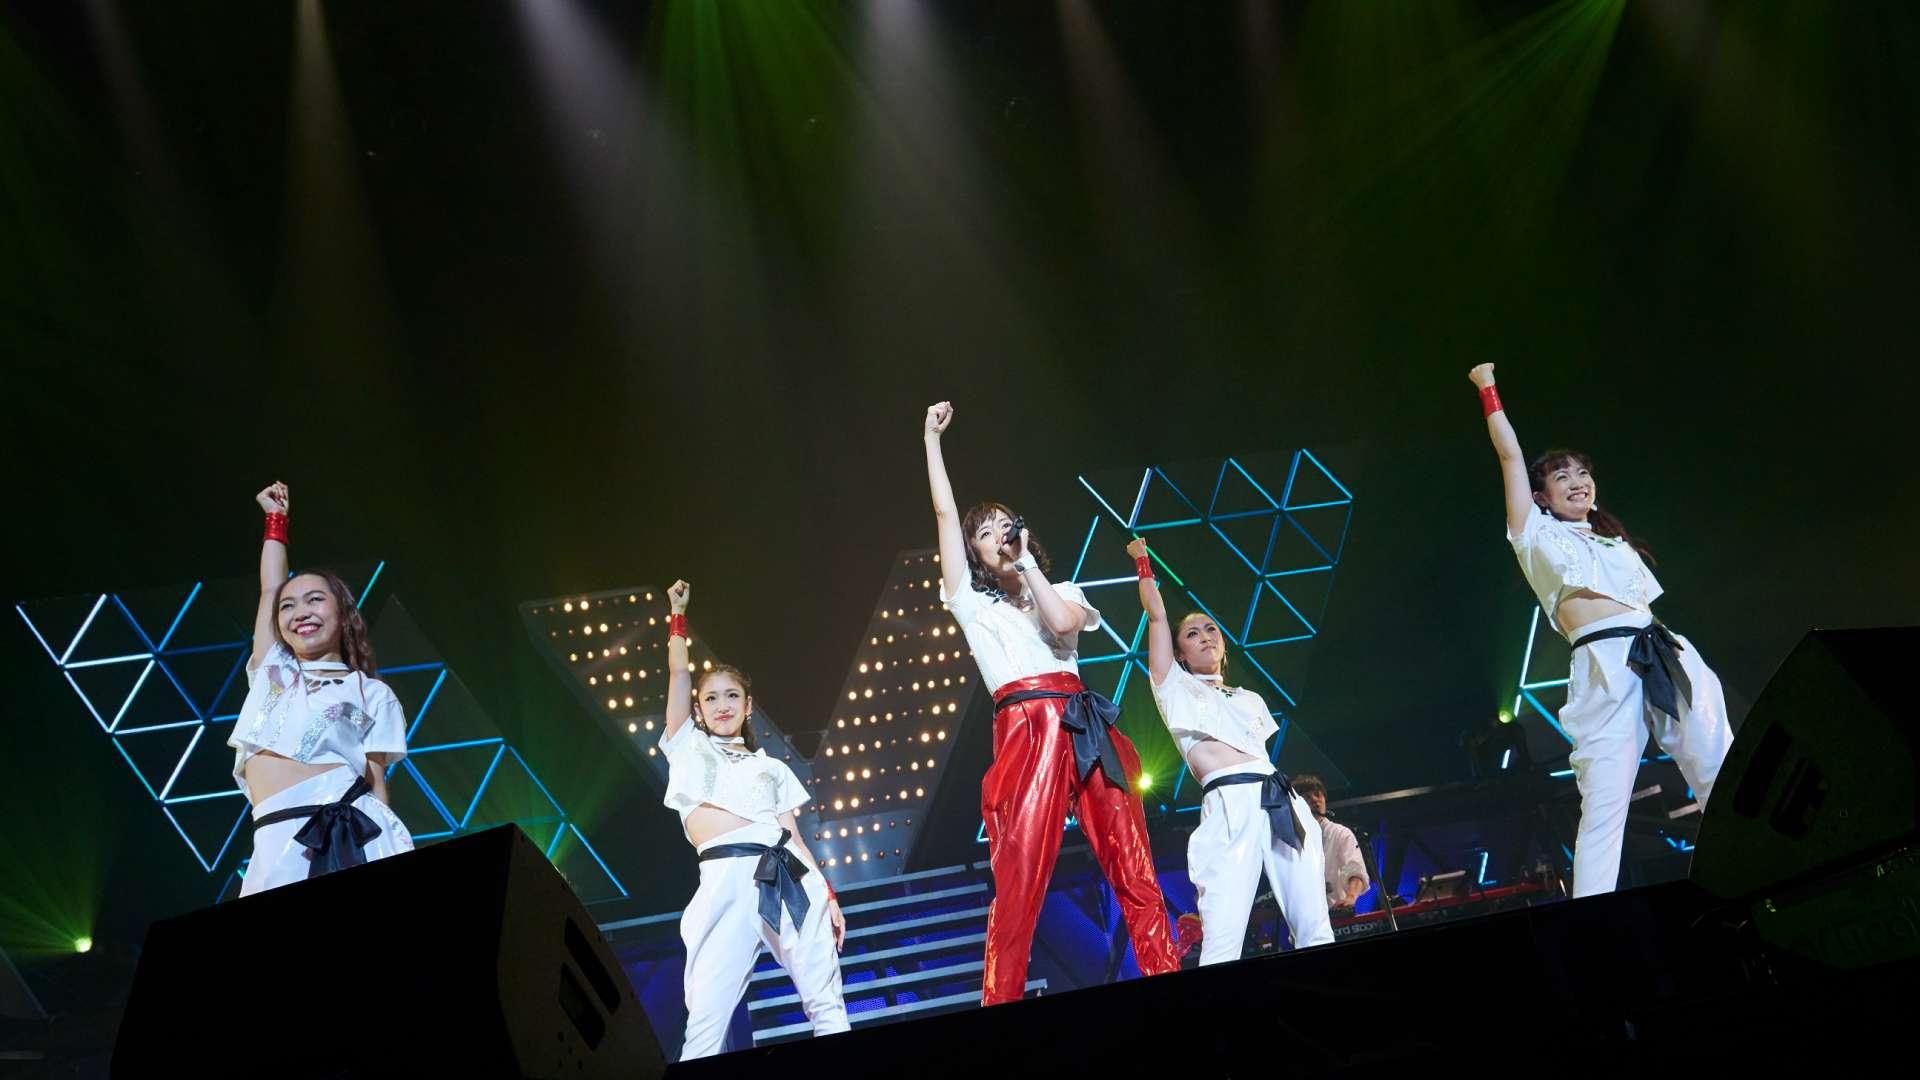 大原櫻子 2nd TOUR 2015 AUTUMN ~秋櫻タルトを召し上がれっ☆~ 2015.11.12@Zepp DiverCity (TOKYO)